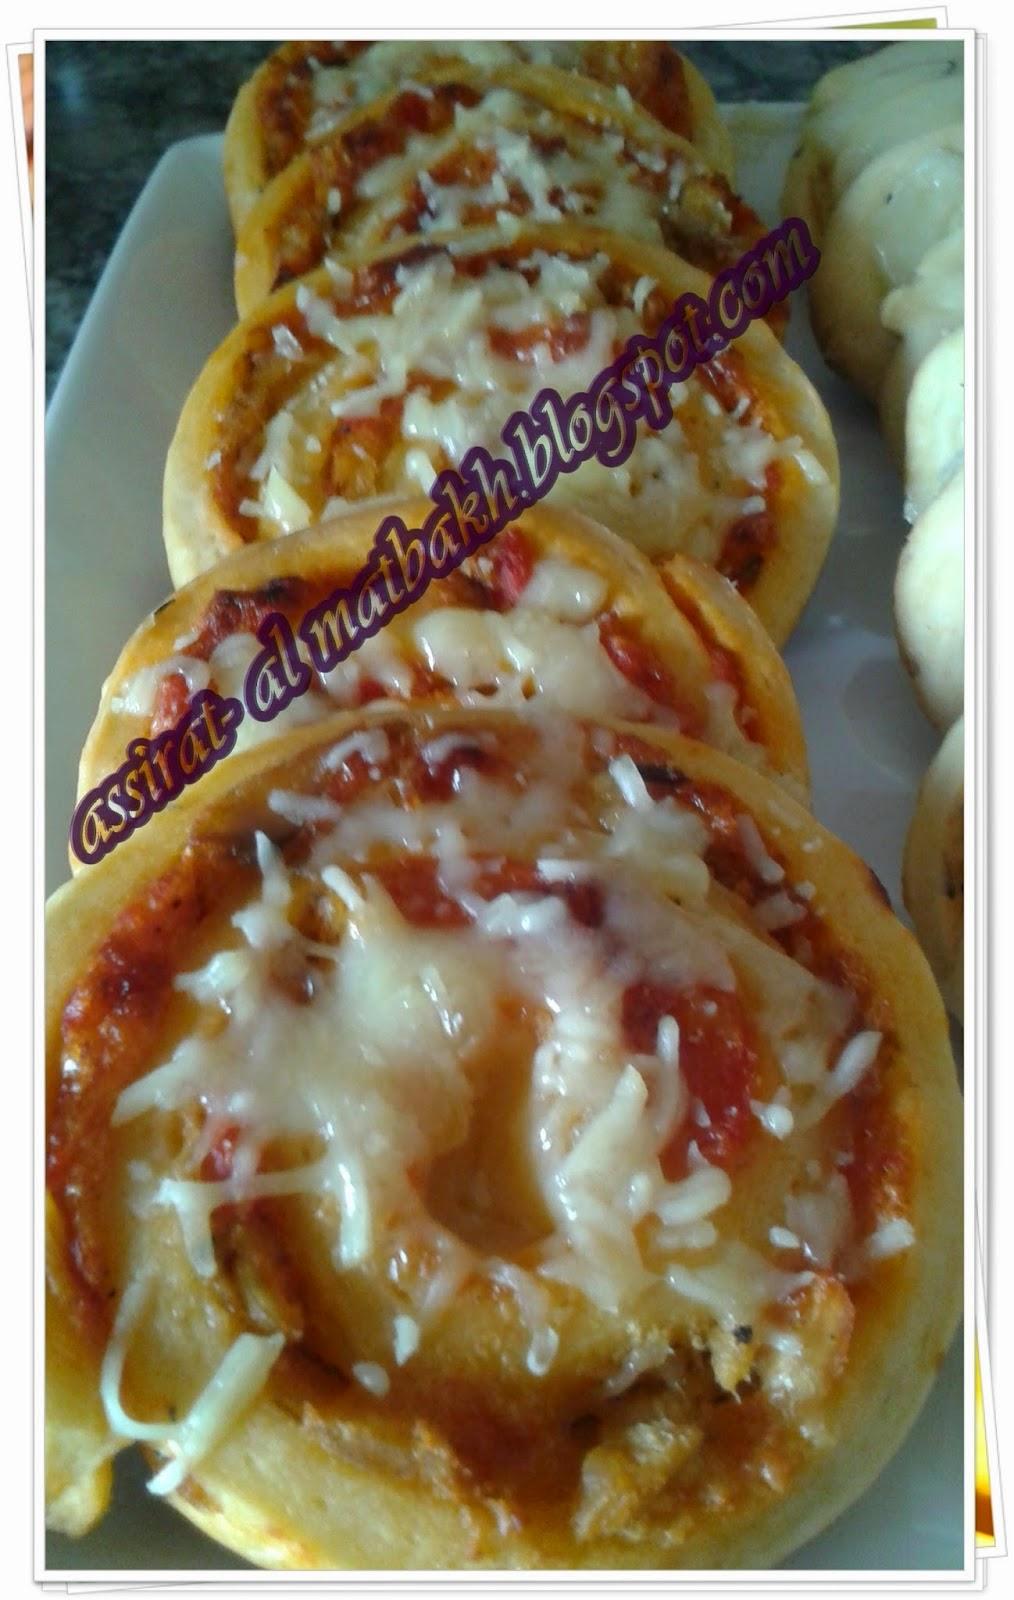 ملفوف مالح بمكونات بيتزا